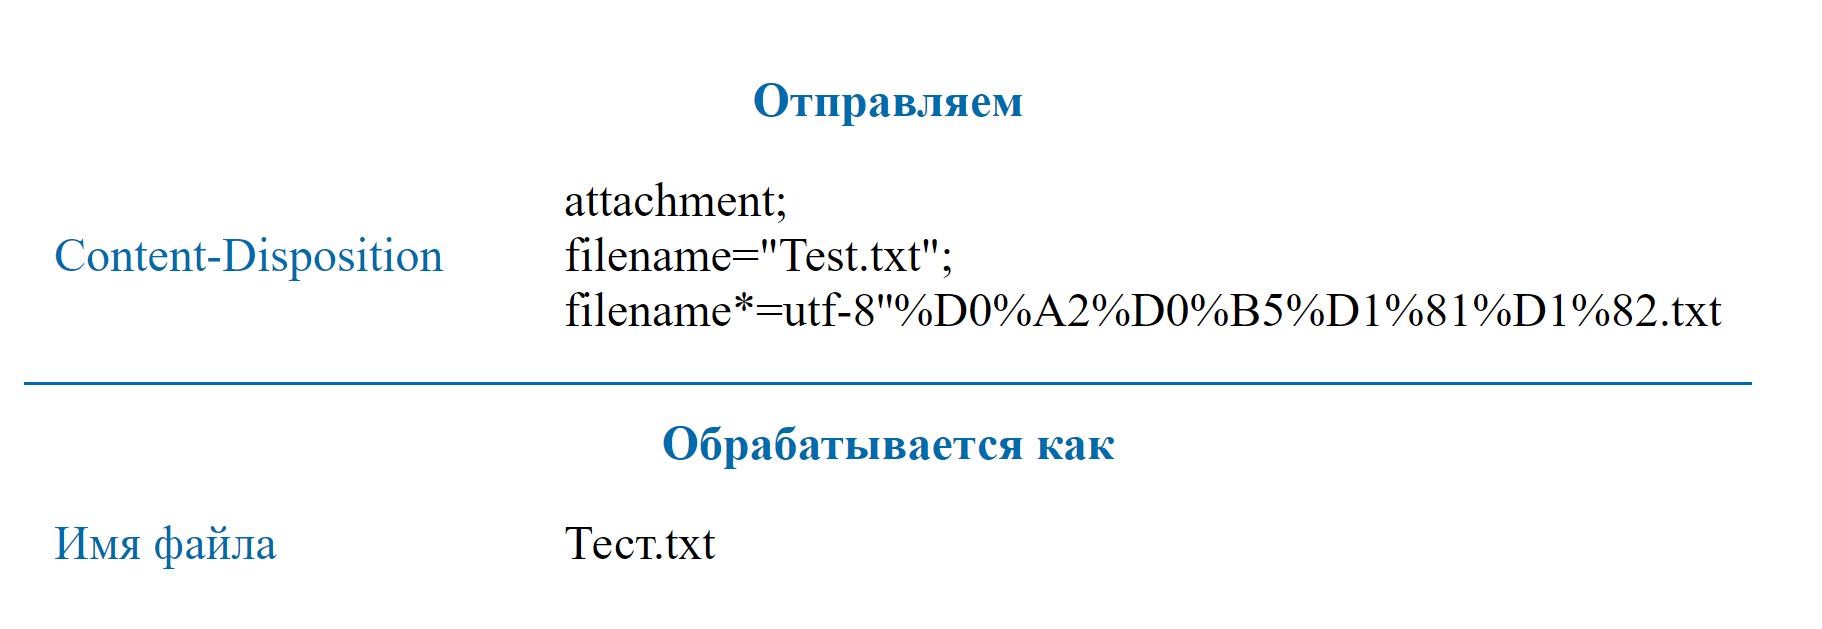 Использование UTF-8 в HTTP заголовках - 9